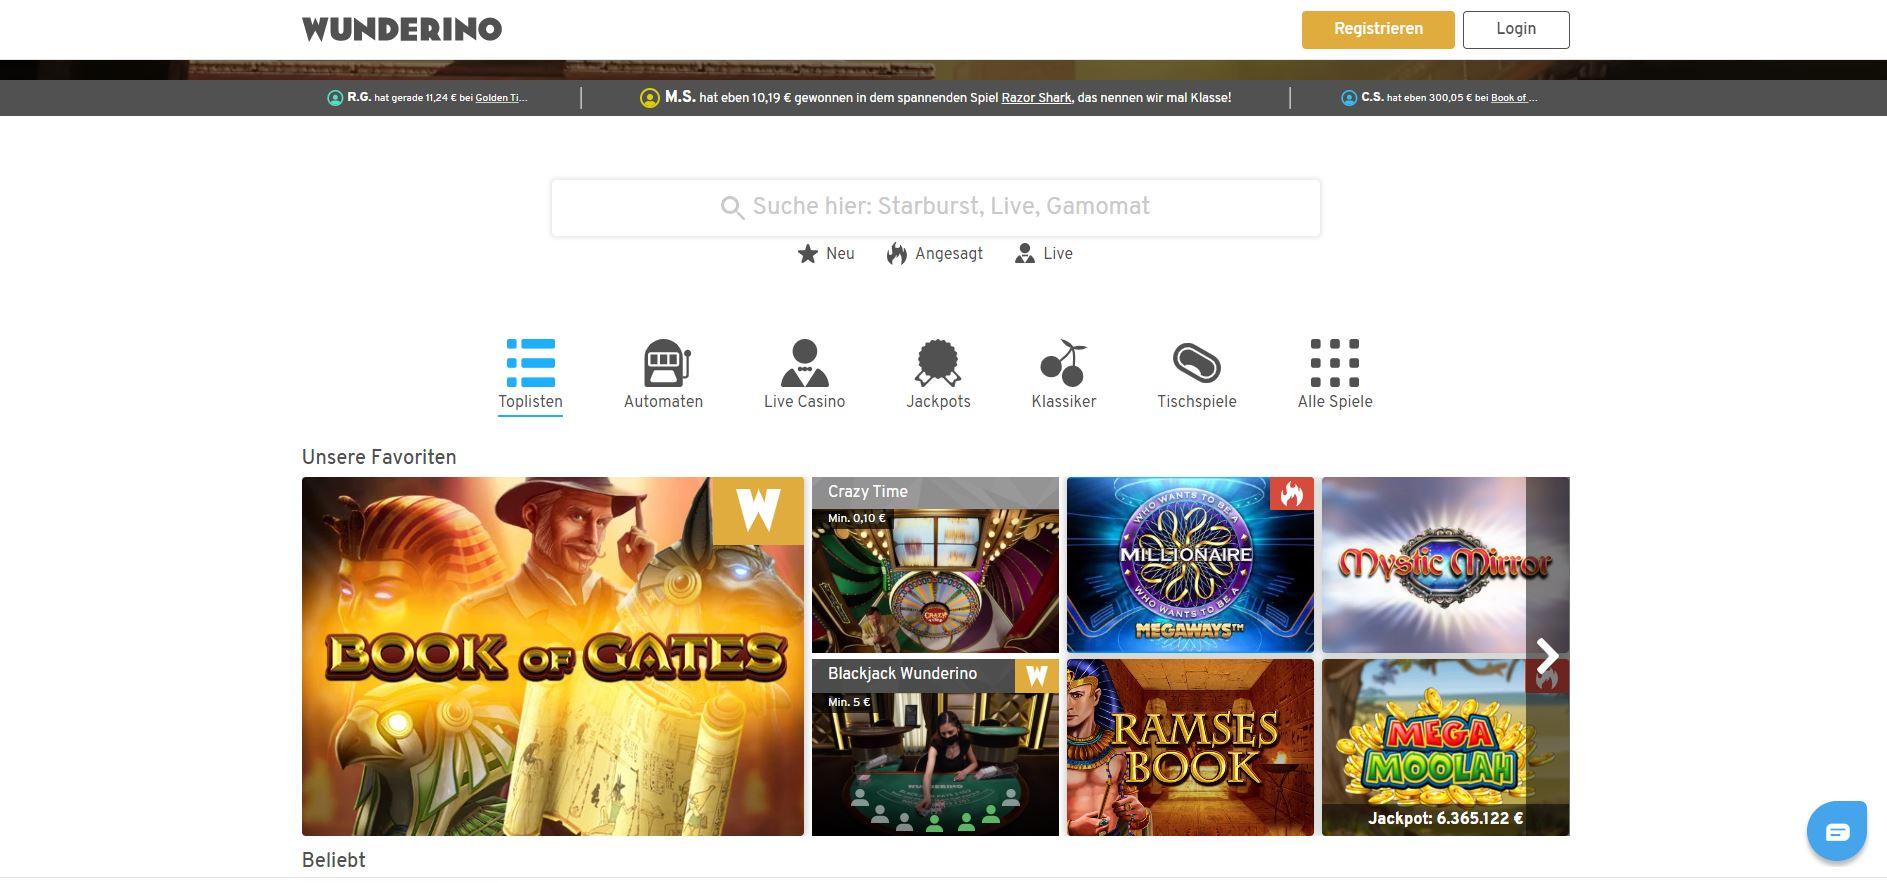 Die Startseite des Online-Casino Anbieters Wunderino.